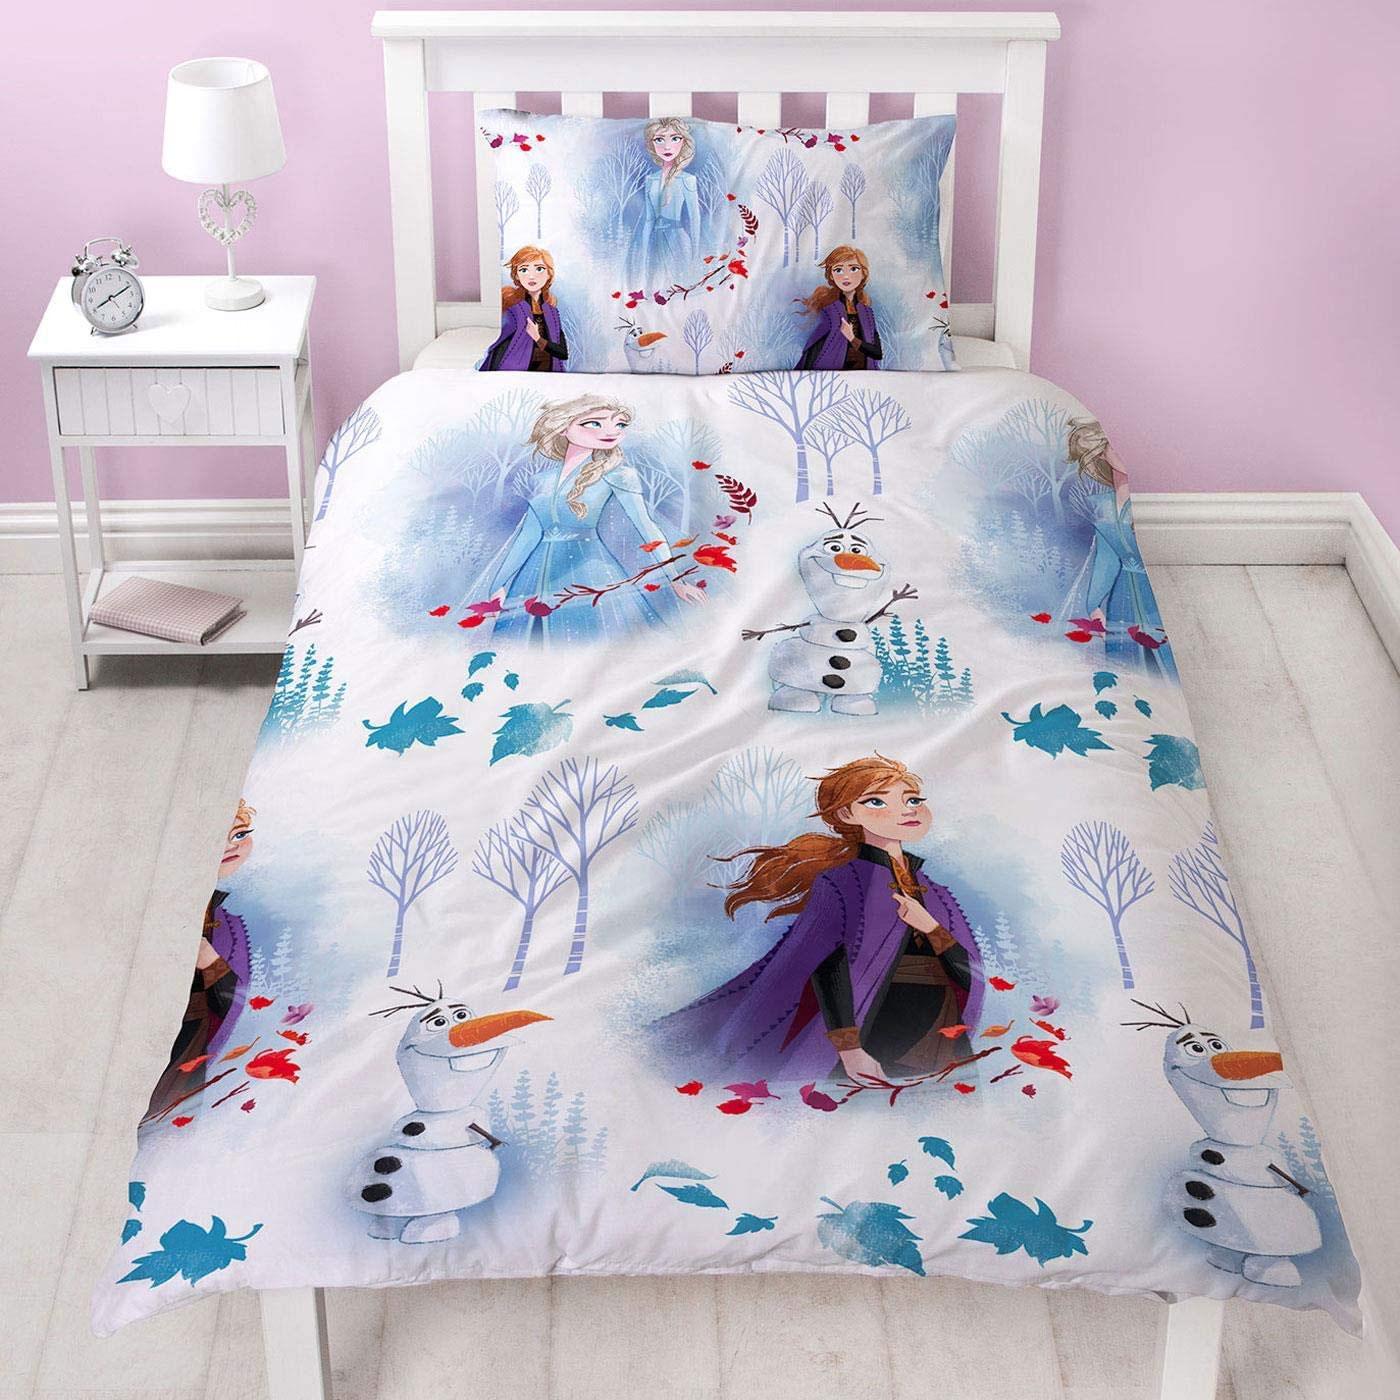 Comprar sábanas infantiles de Frozen, Spiderman, Los Vengadores, Mickey Mouse y Minnie,...